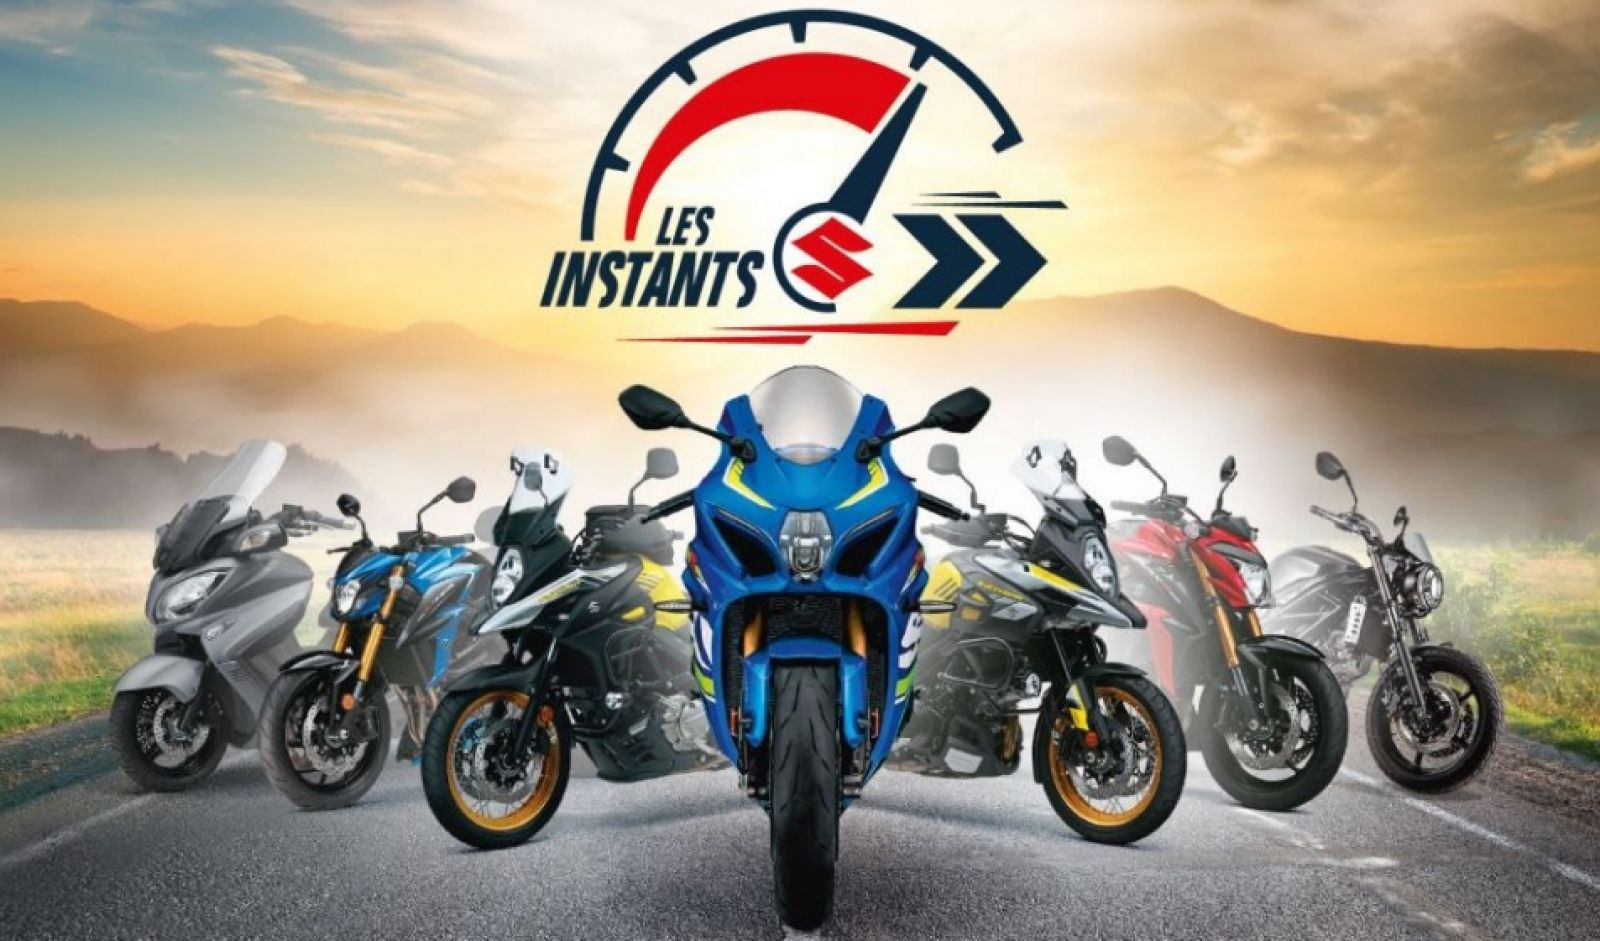 Rendez-vous chez Suzuki pour les Instants S